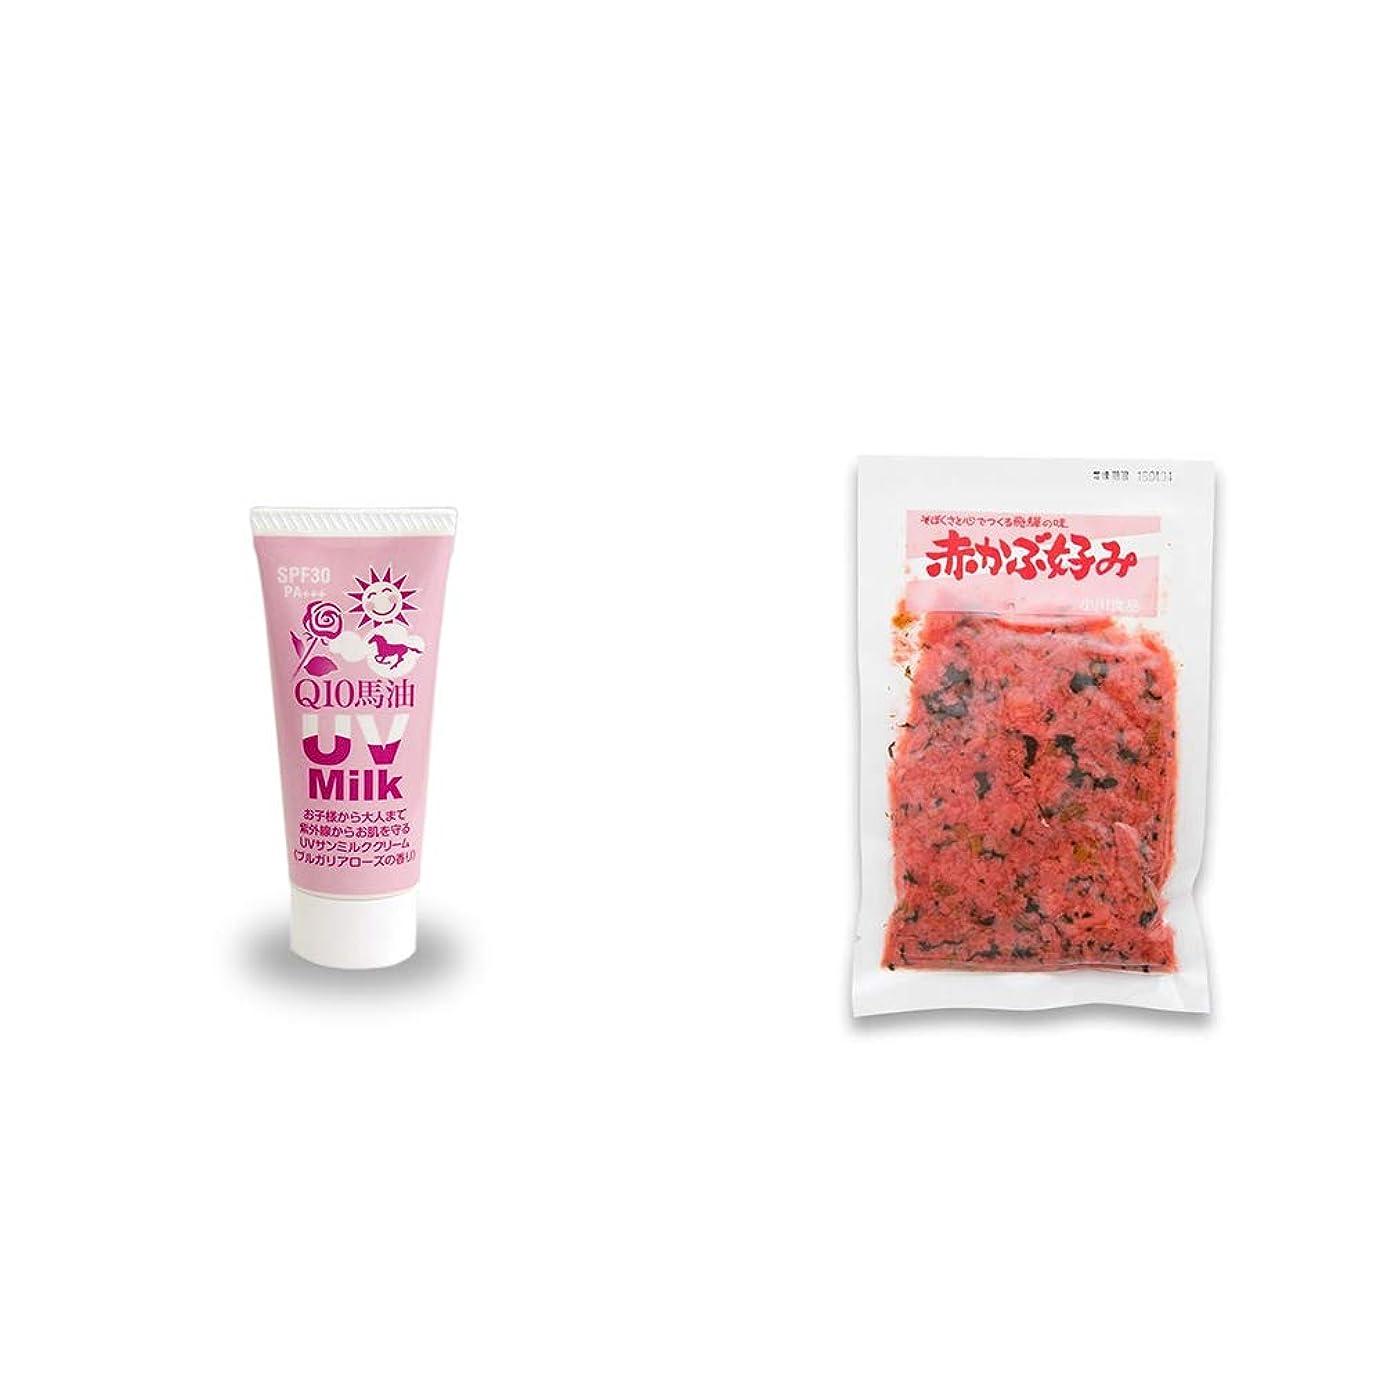 水を飲む菊奨励[2点セット] 炭黒泉 Q10馬油 UVサンミルク[ブルガリアローズ](40g)?赤かぶ好み(150g)